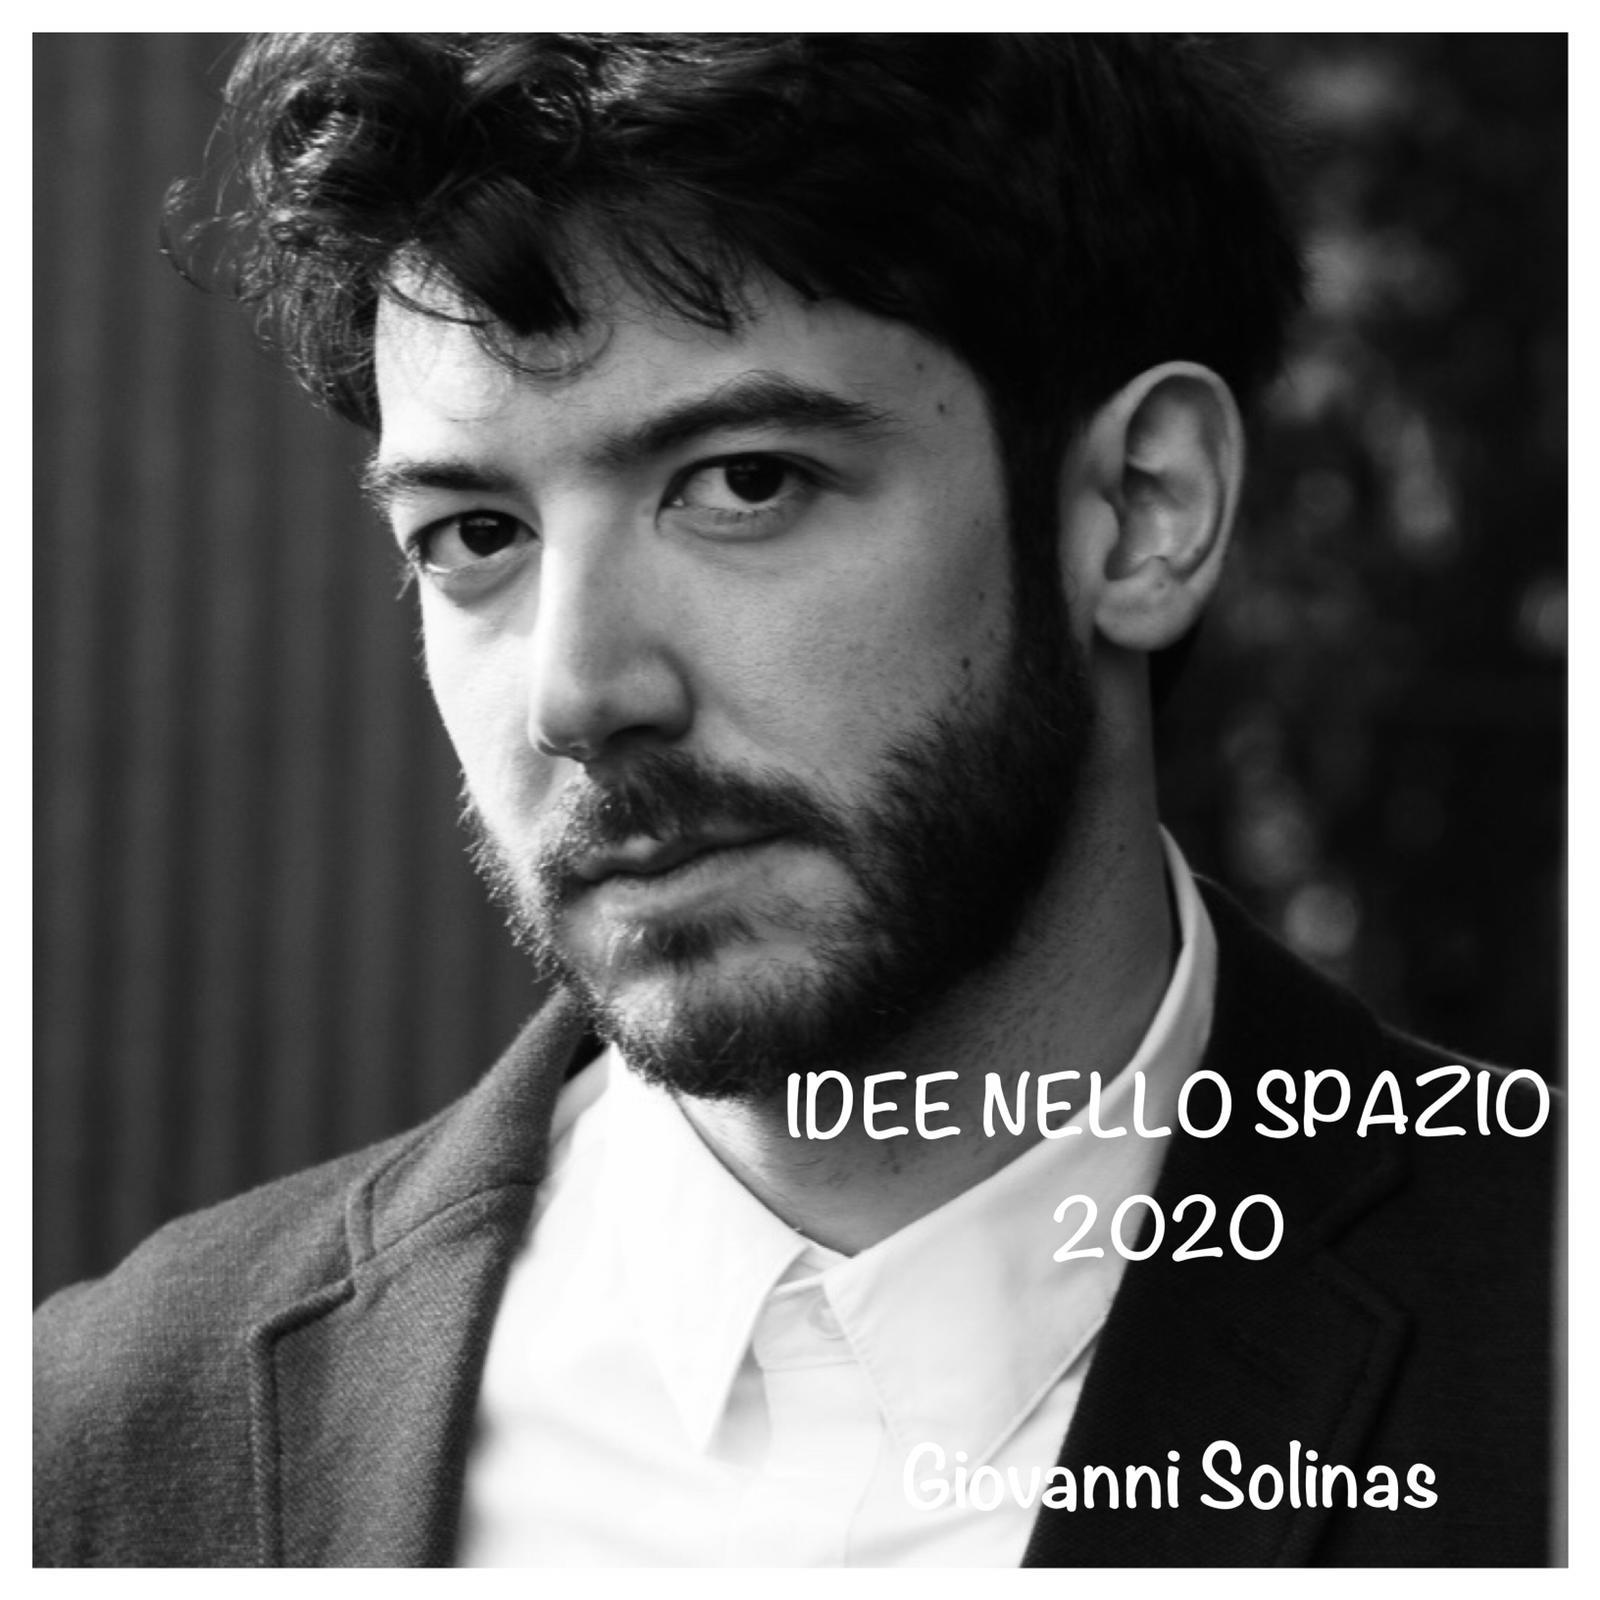 Idee Nello Spazio - Teatro Lo Spazio - Via Locri, 42 - Giovanni Solinas